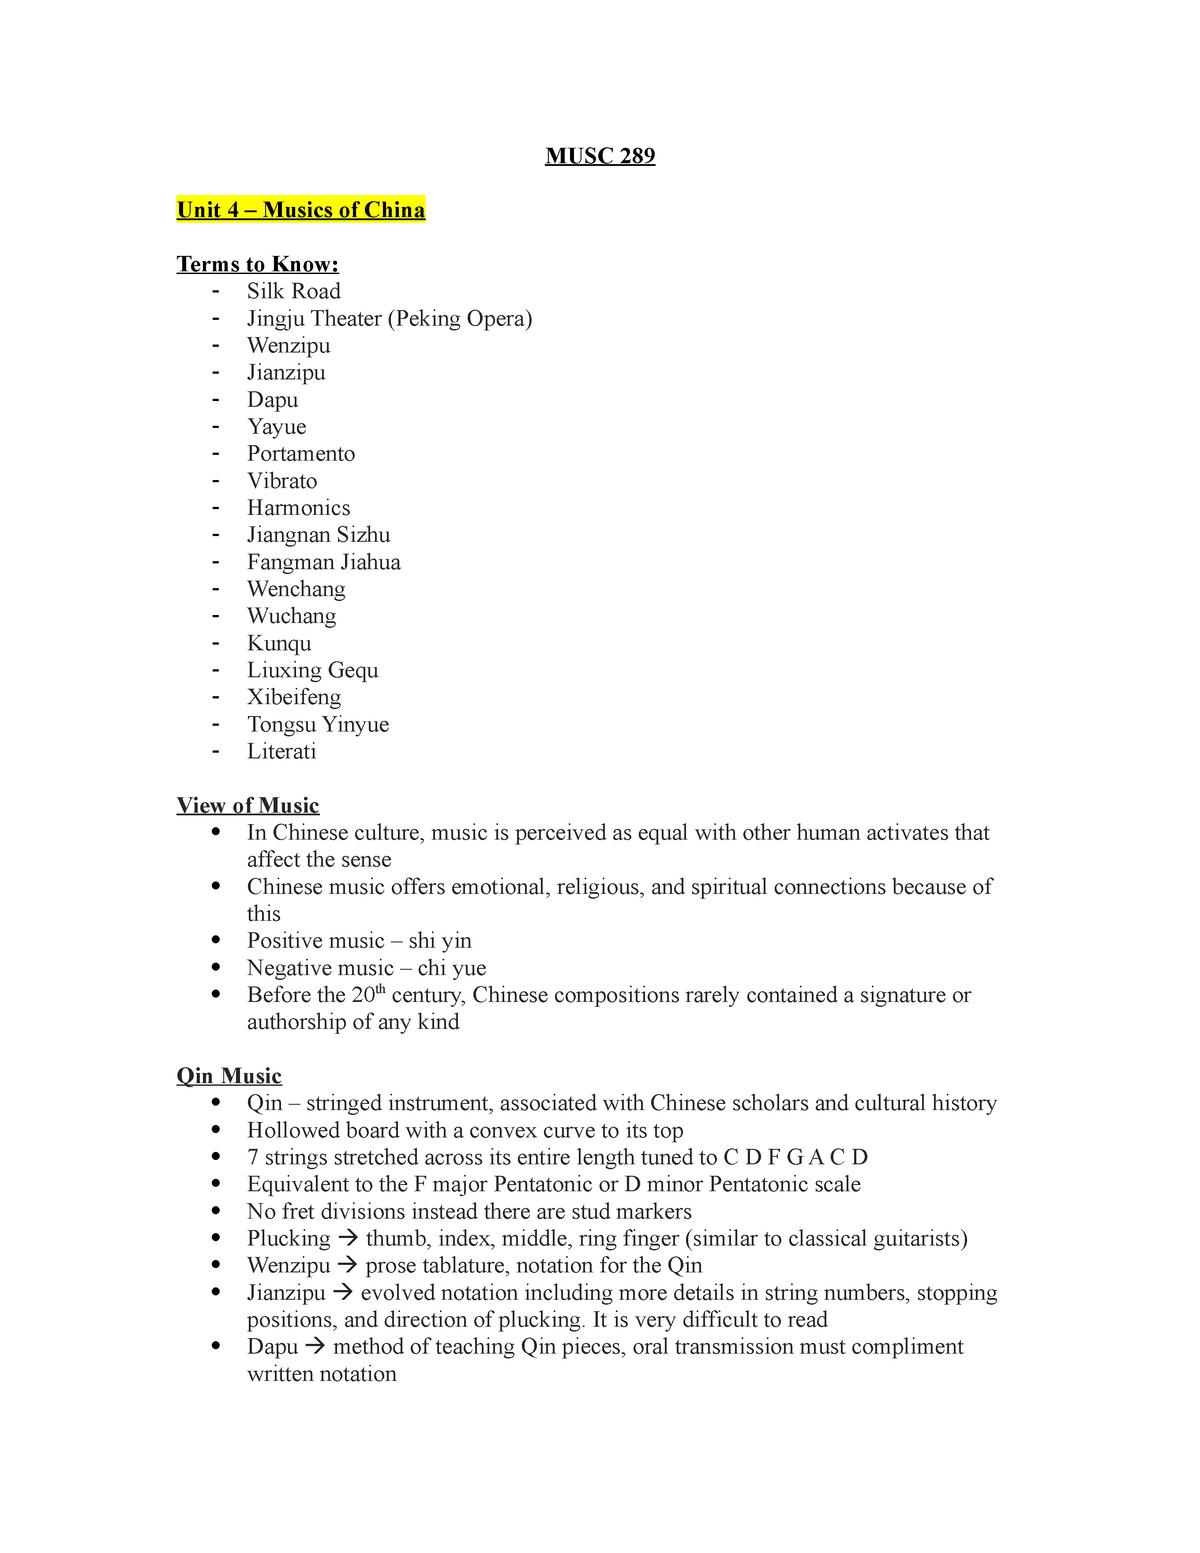 World Musics - Summary - MUSC 289 - Musc 289 - StuDocu